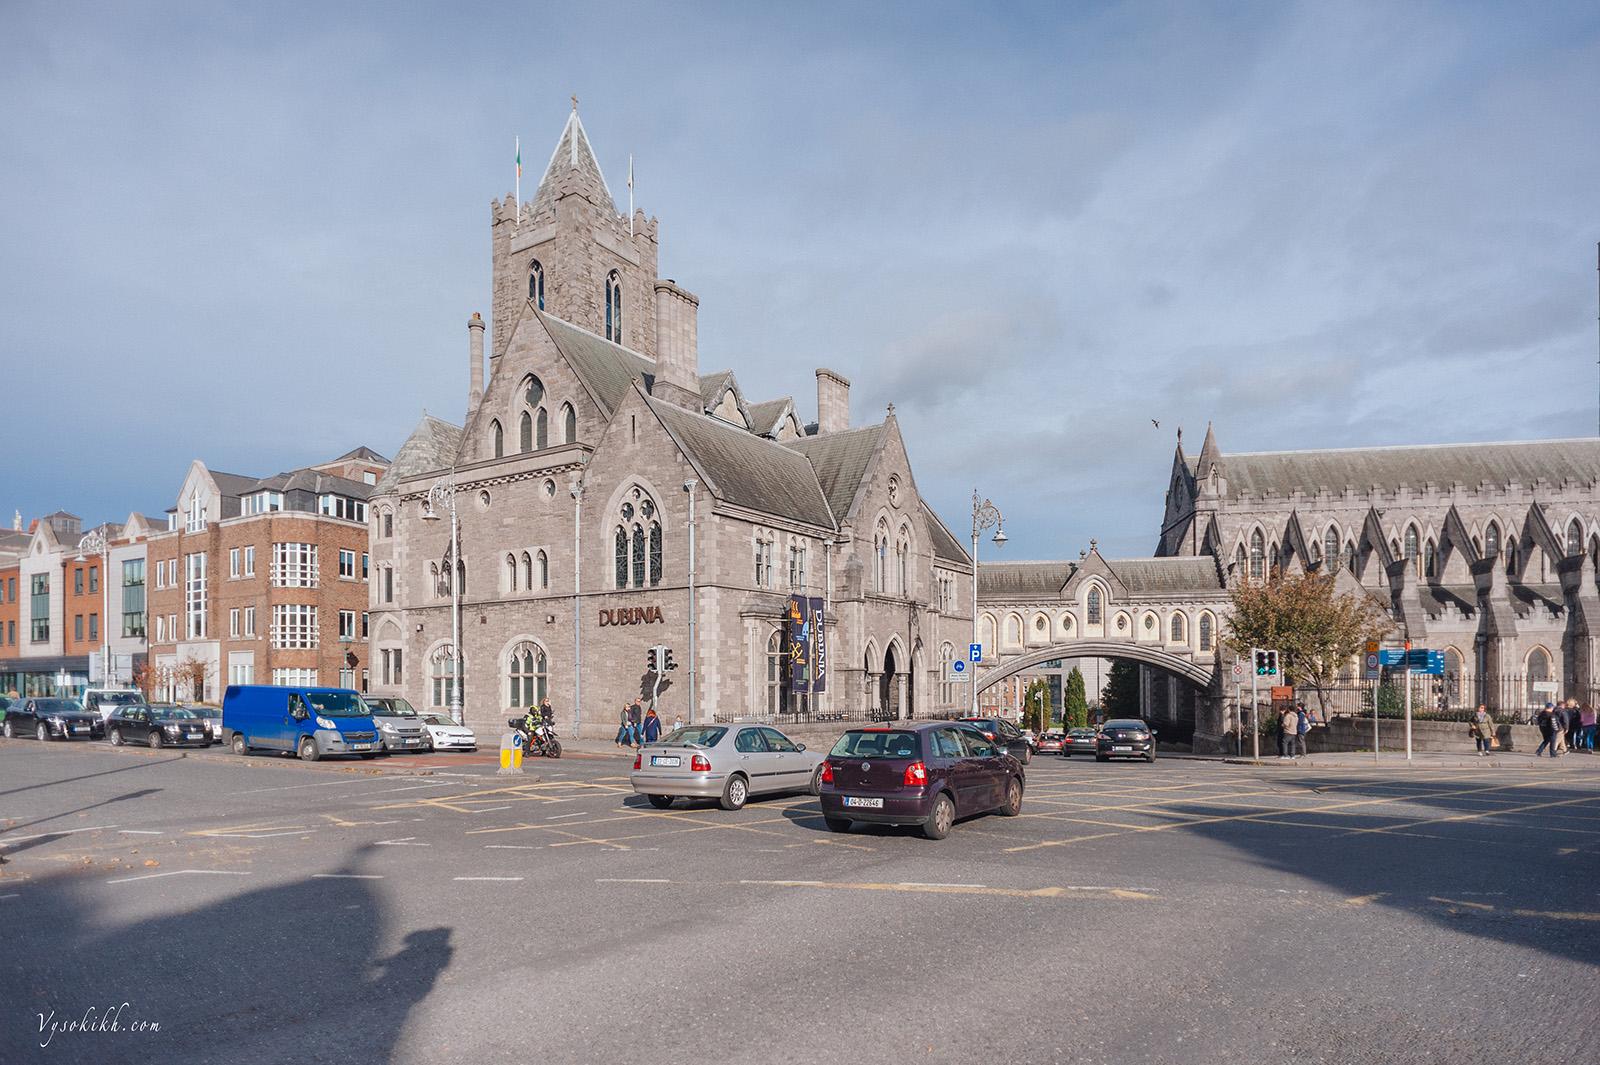 Christ-church cathedral or Sinod Hall, собор Крайст-Черч или Синодальный зал. Здесь расположен исторический музей - Dublinia, посвященный истории викингов и средневековья города.